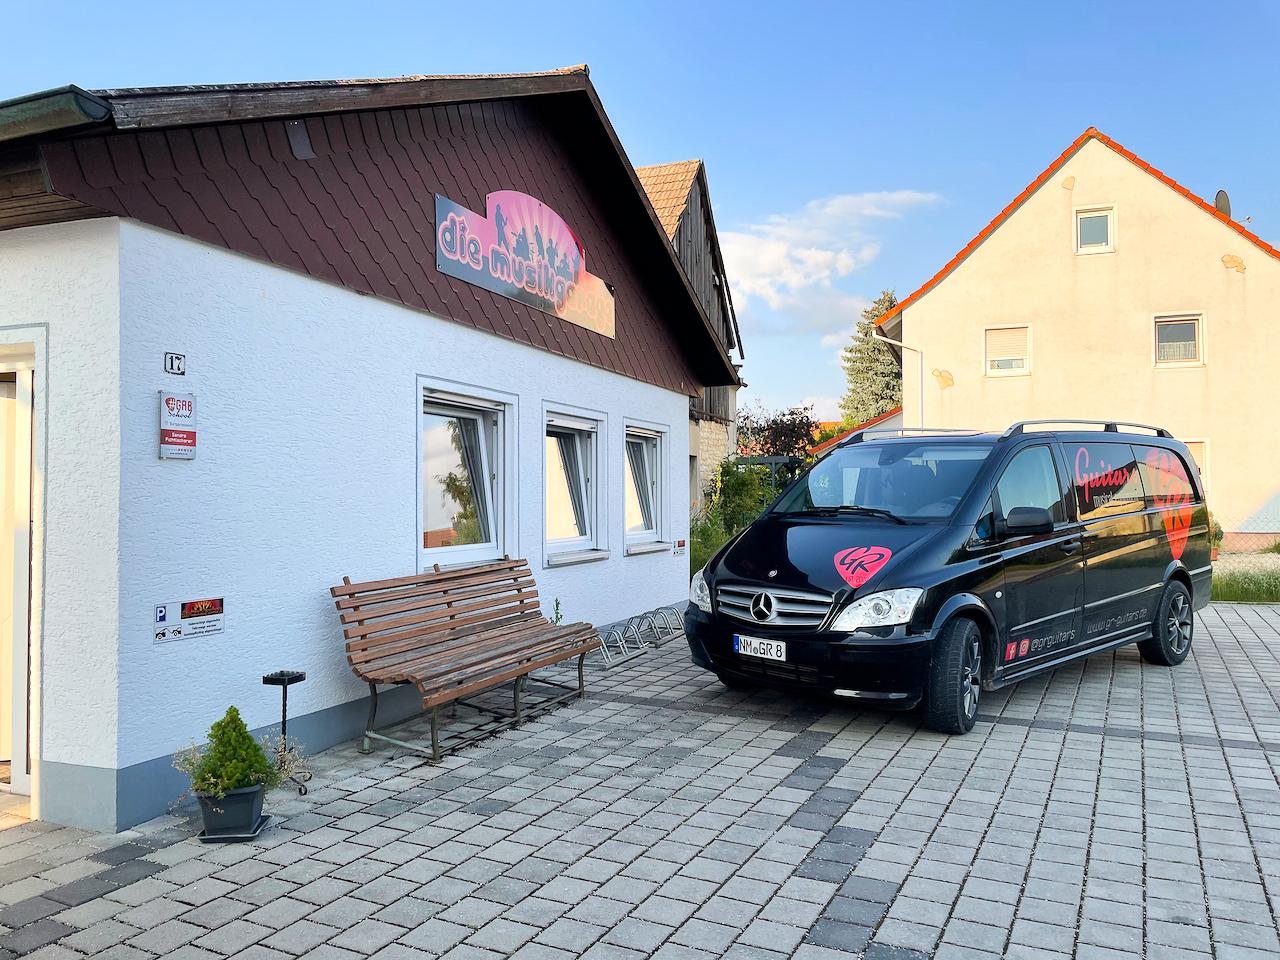 Die GR8 School in Burggriesbach, Schulstraße 17 (bei Freystadt)